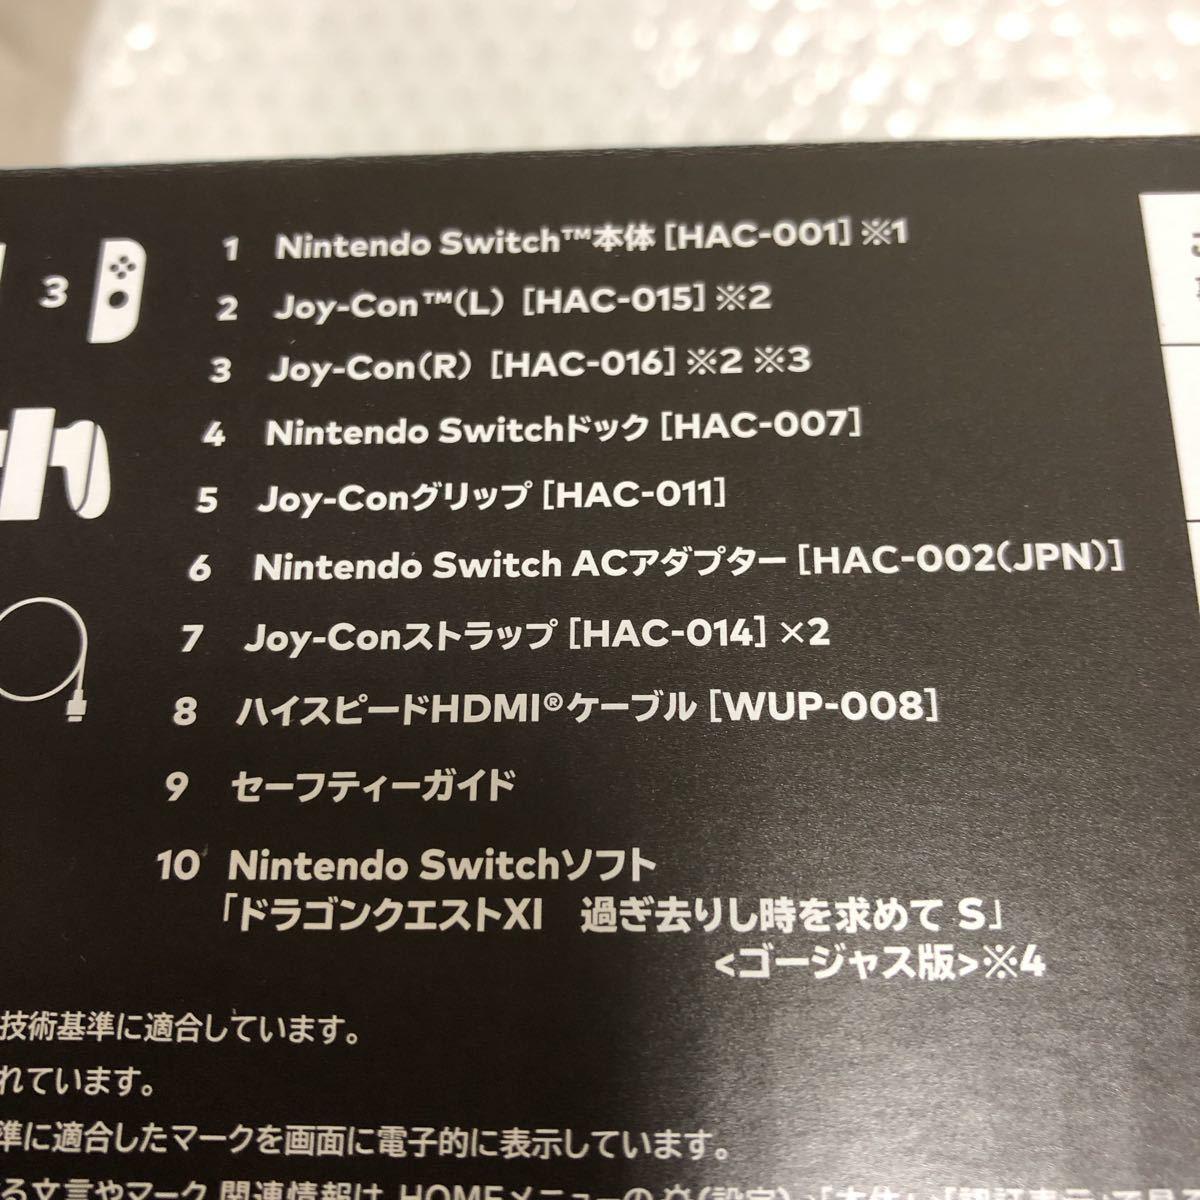 Nintendo Switch ドラゴンクエストⅩⅠ S ロトエディション スイッチ 本体 同梱版 ドラクエ11 未使用品